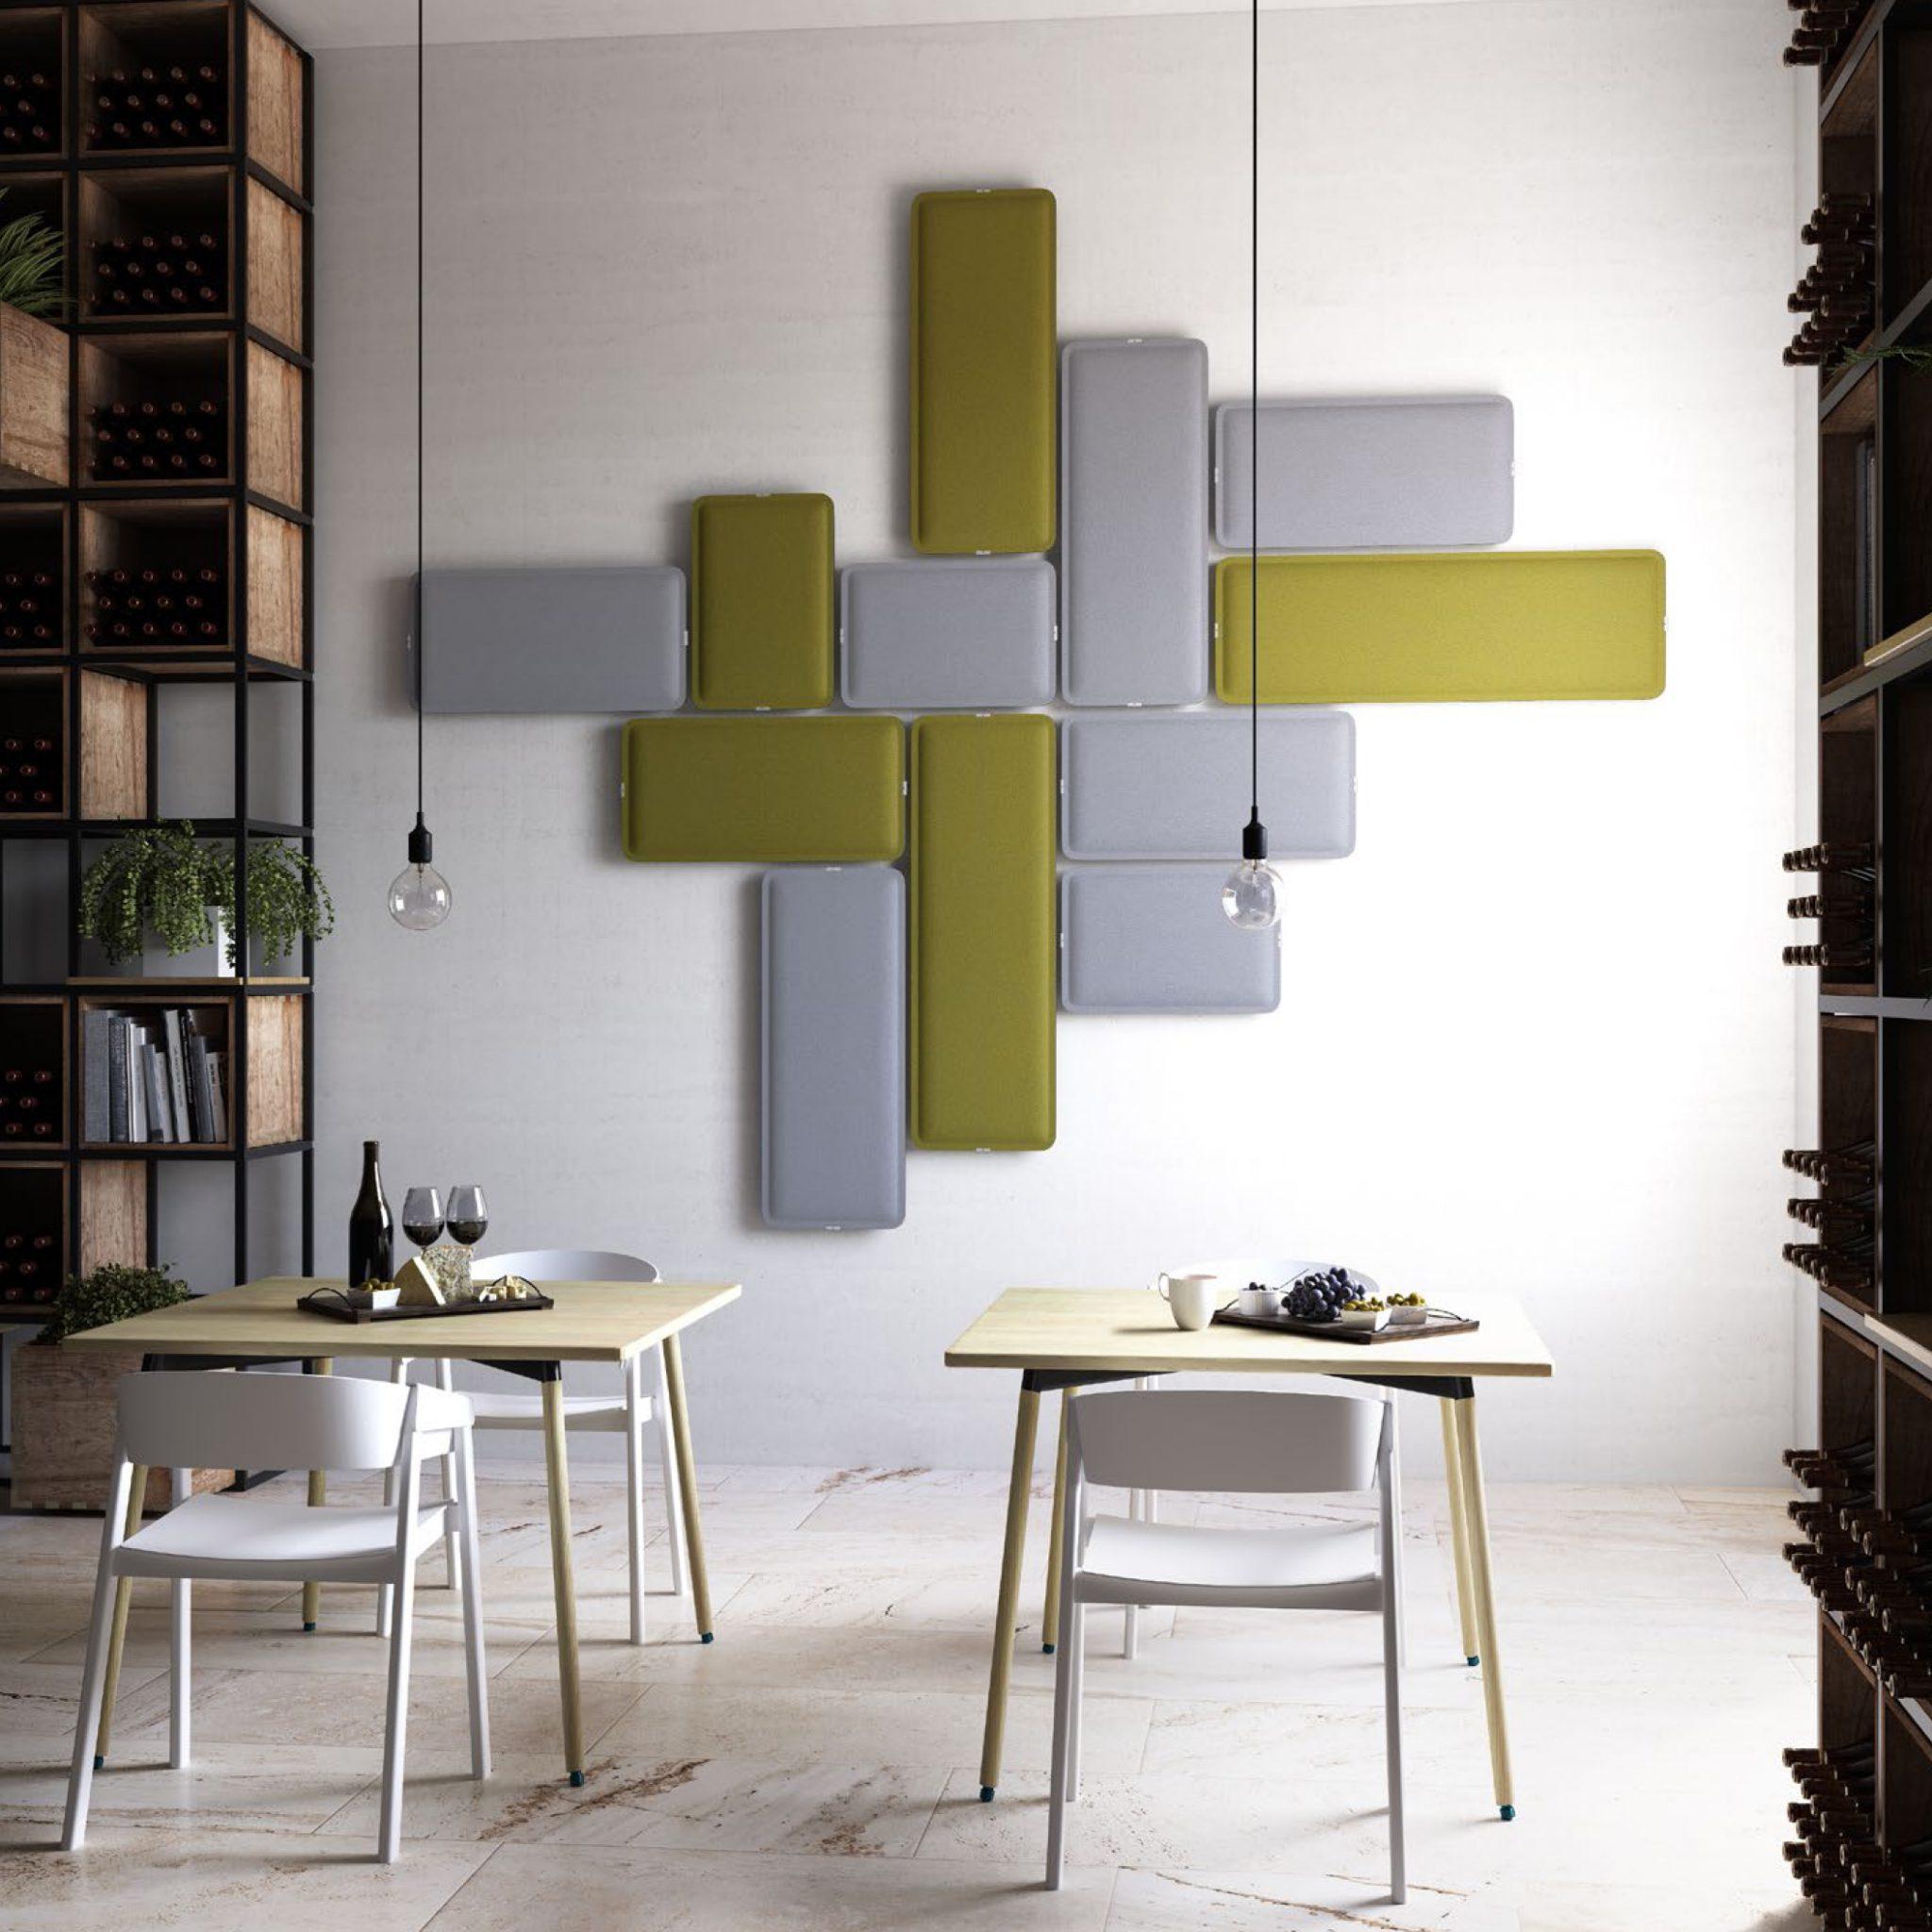 Pannelli fonoassorbenti da parete in diversi colori studio t - Colori da parete ...